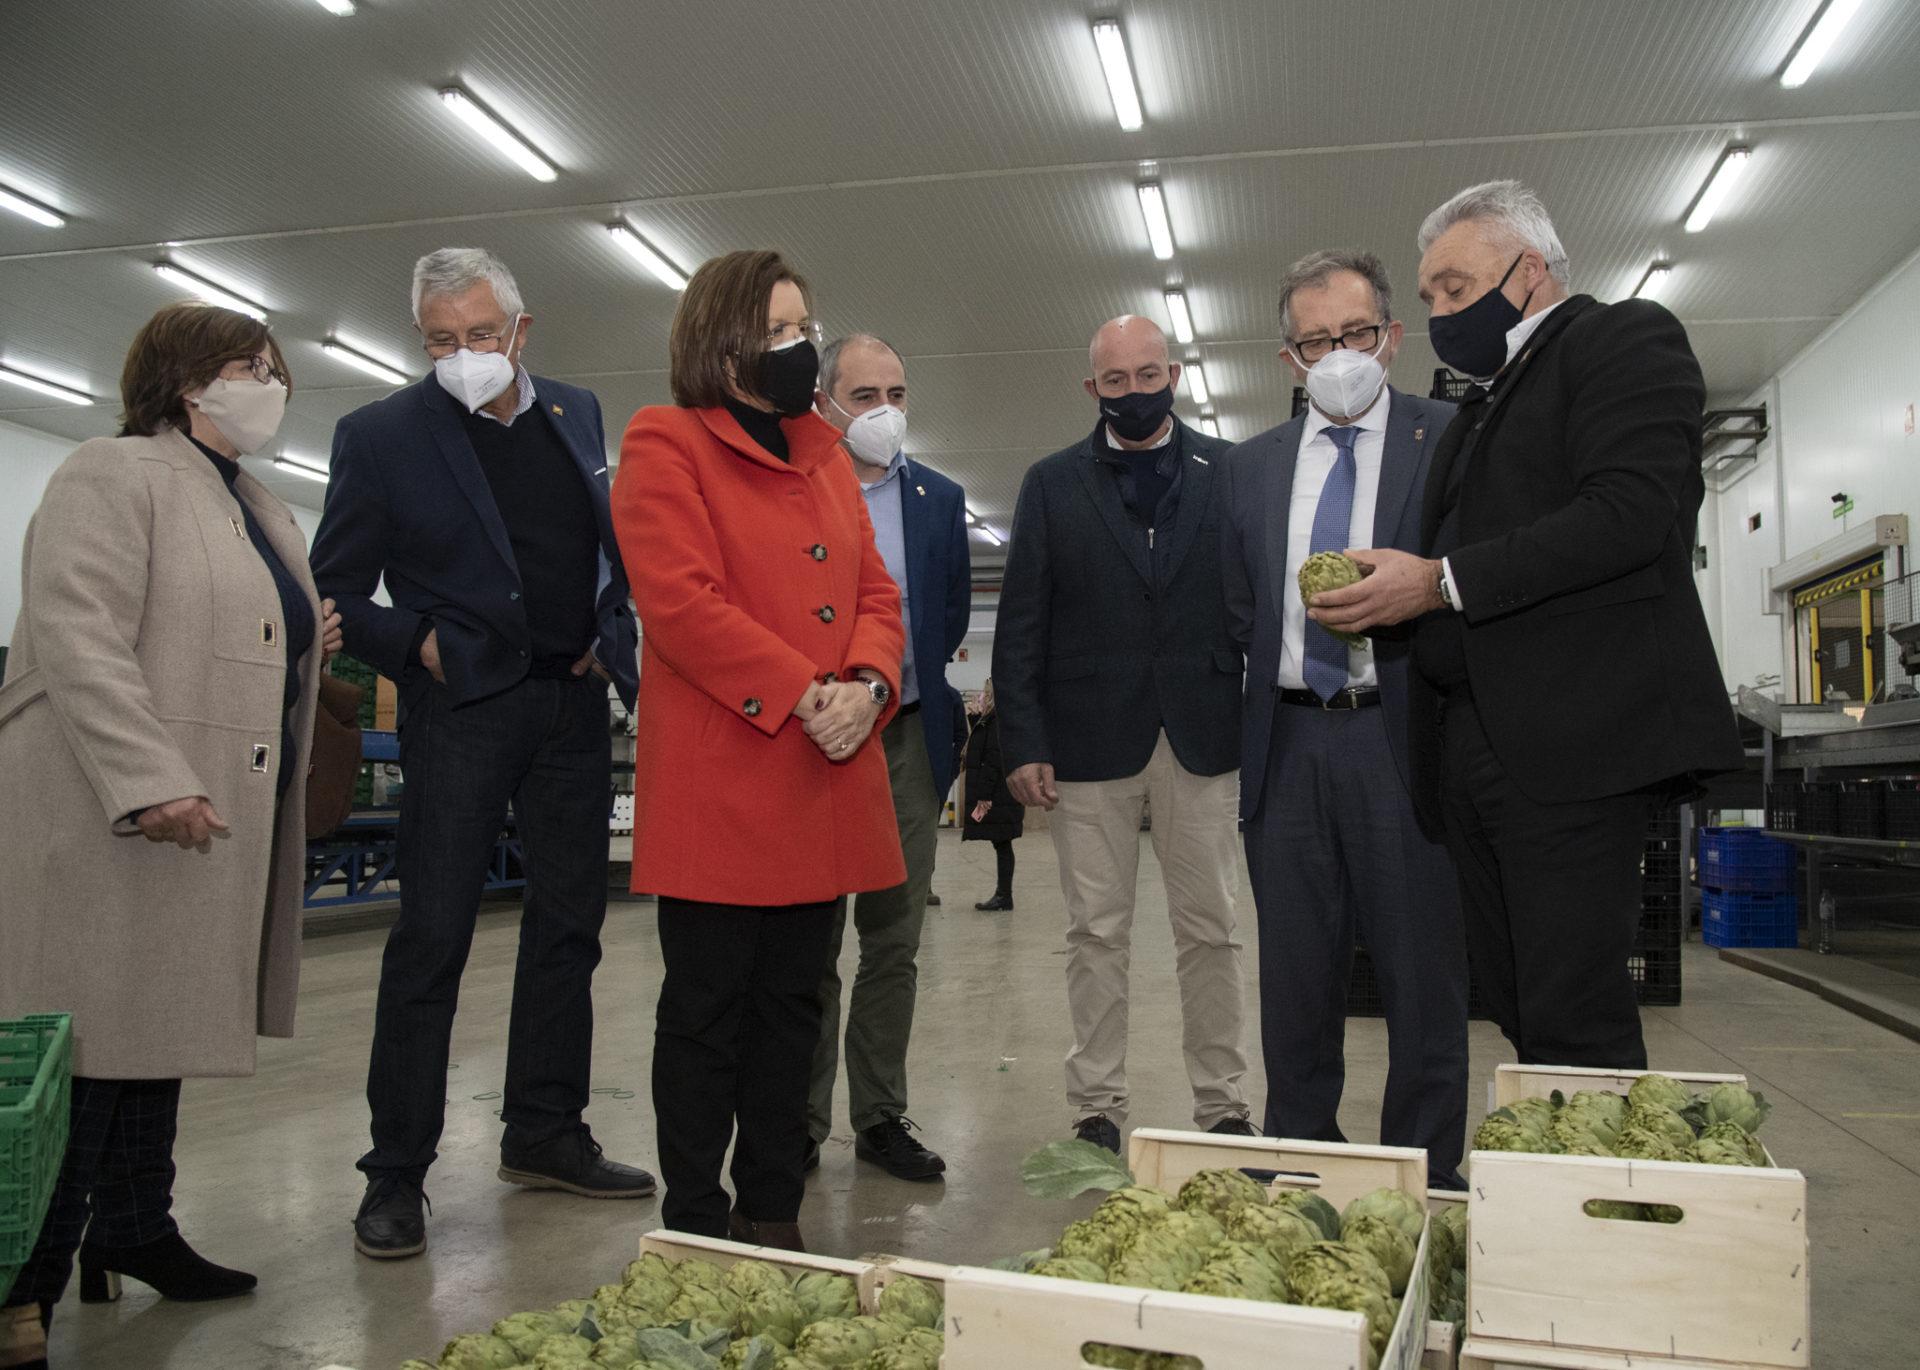 Imagen de archivo de la visita en enero de José Martí, Santi Pérez y Xaro Miralles a las instalaciones de Benihort